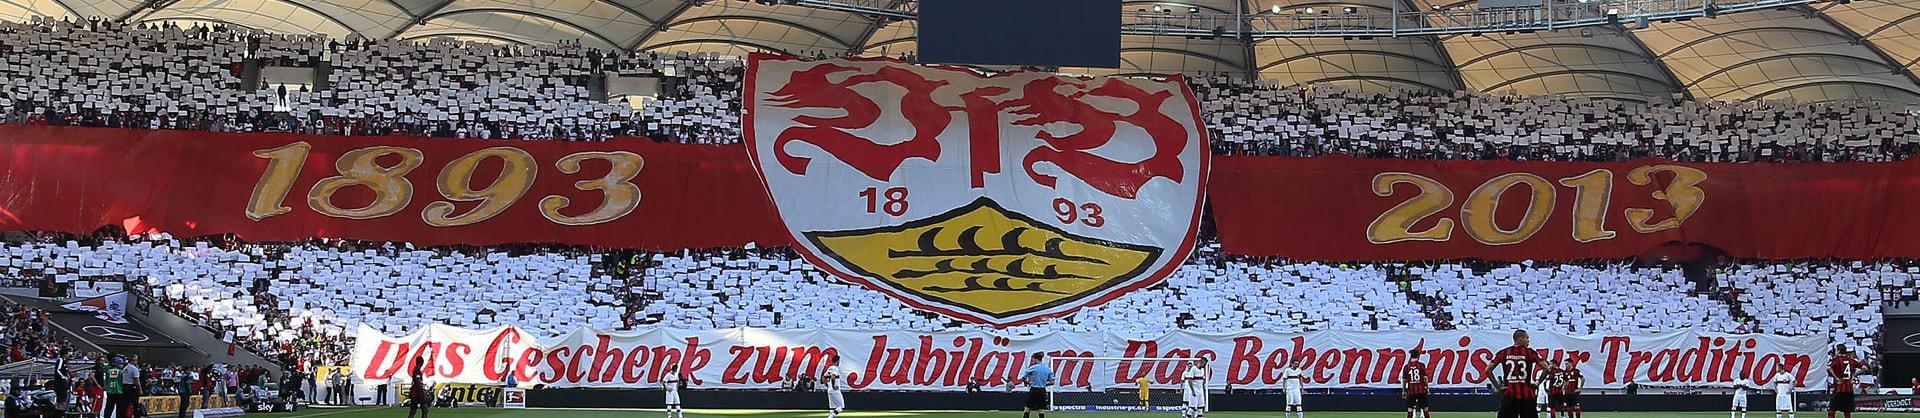 Die 10 krassesten Fußball-Tattoos Deutschlands: VfB Stuttgart